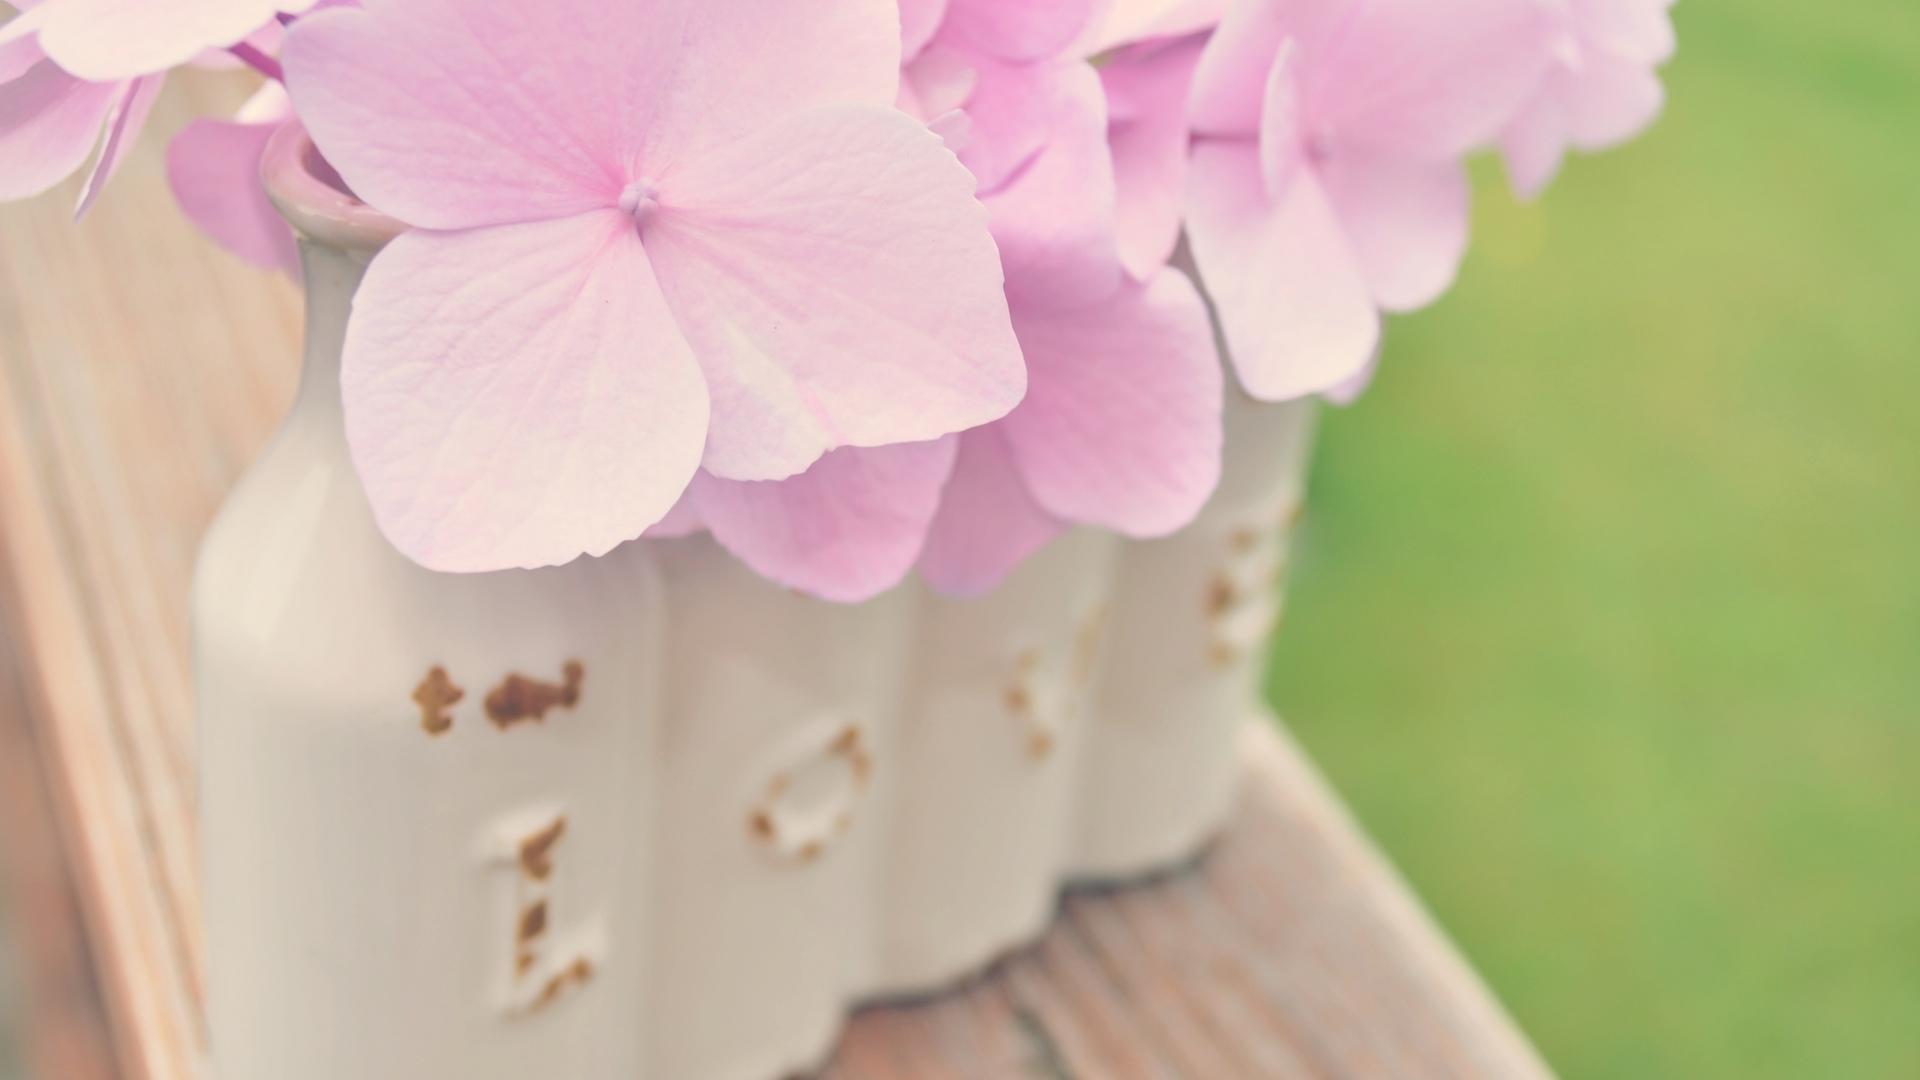 好评:%() 差评:%() 素材预览 下载地址 精选粉色花朵微距唯美ppt背景